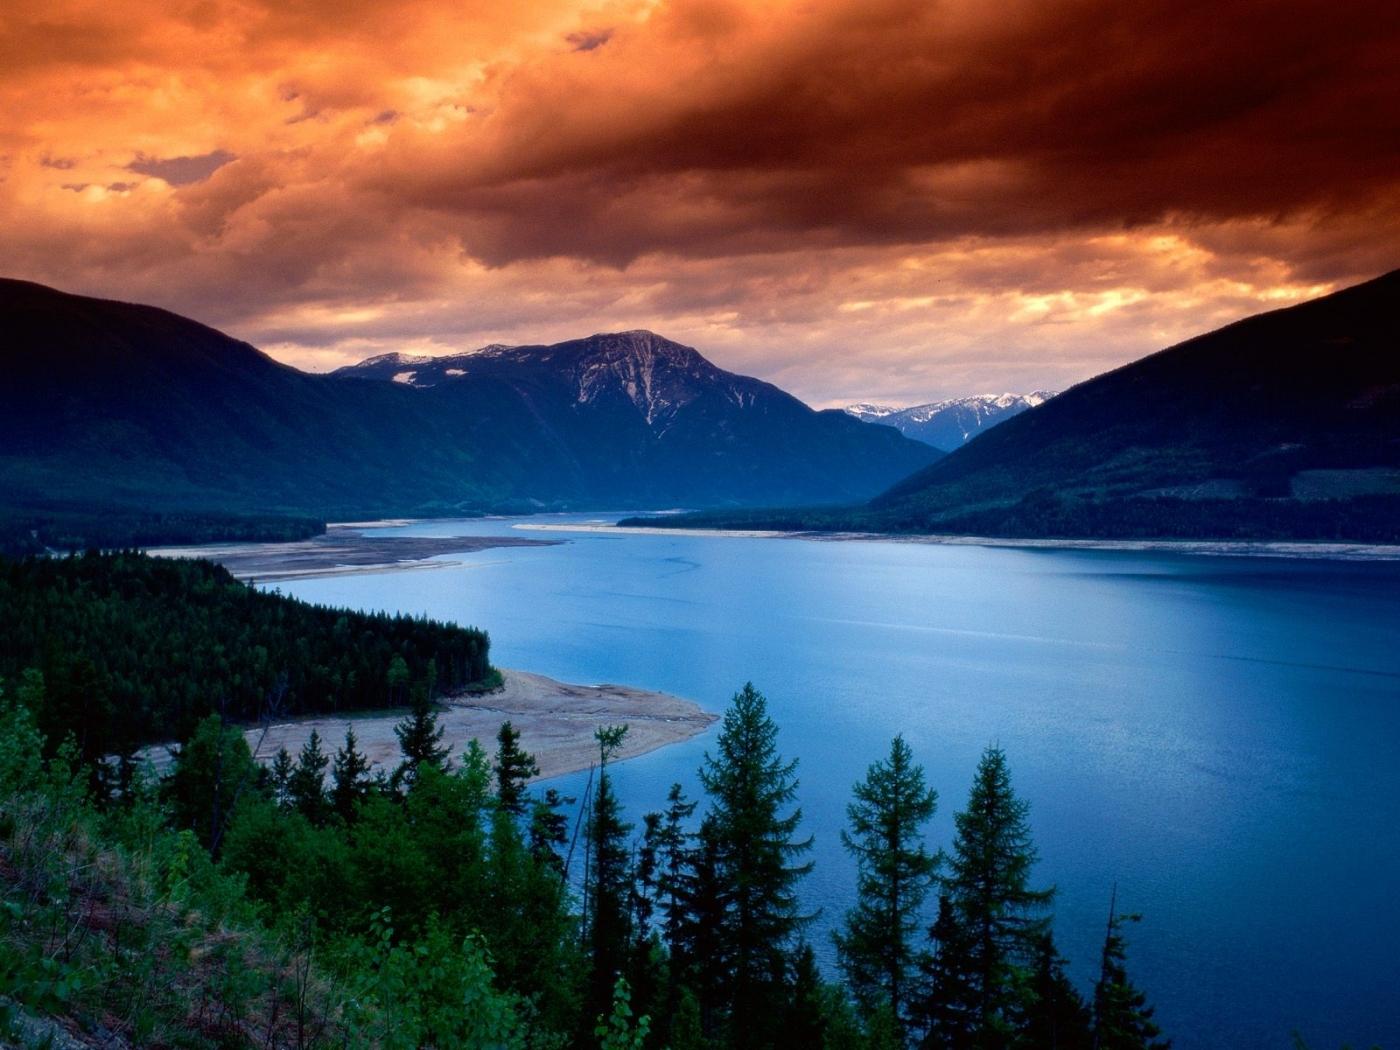 48156 télécharger le fond d'écran Paysage, Nature, Rivières, Montagnes - économiseurs d'écran et images gratuitement